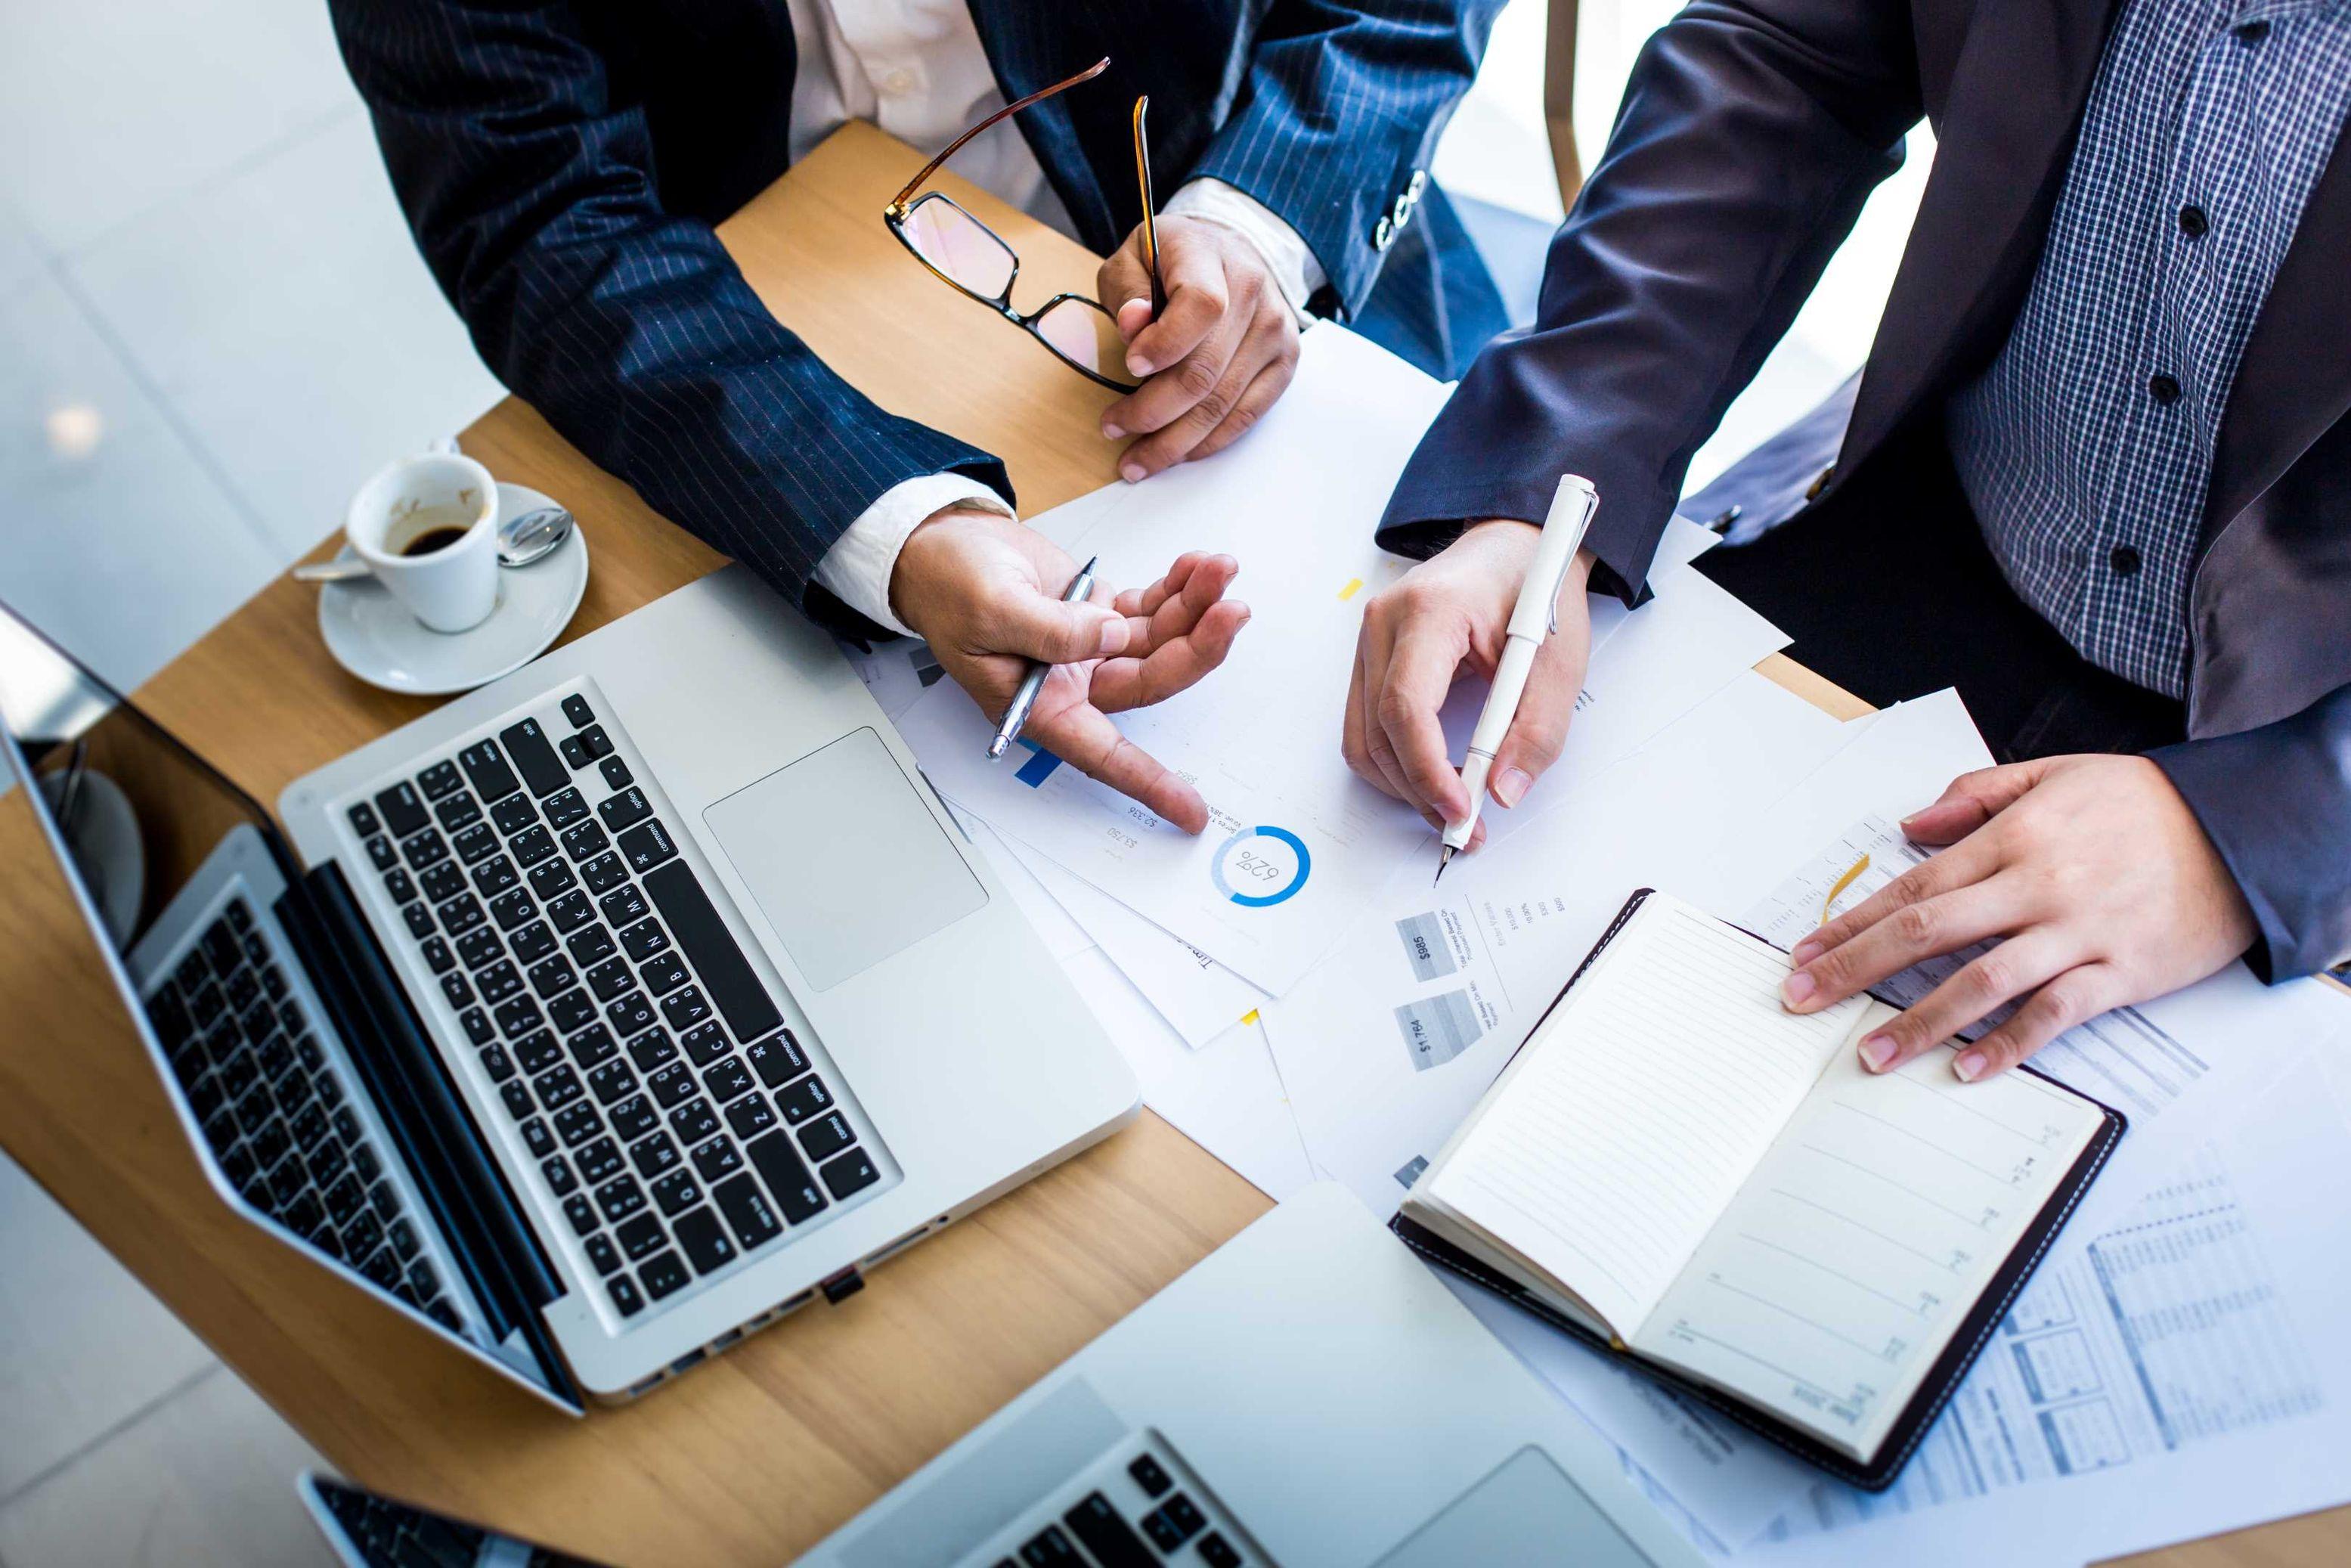 Стандарты бизнес-планирования и правила составления индивидуальной схемы